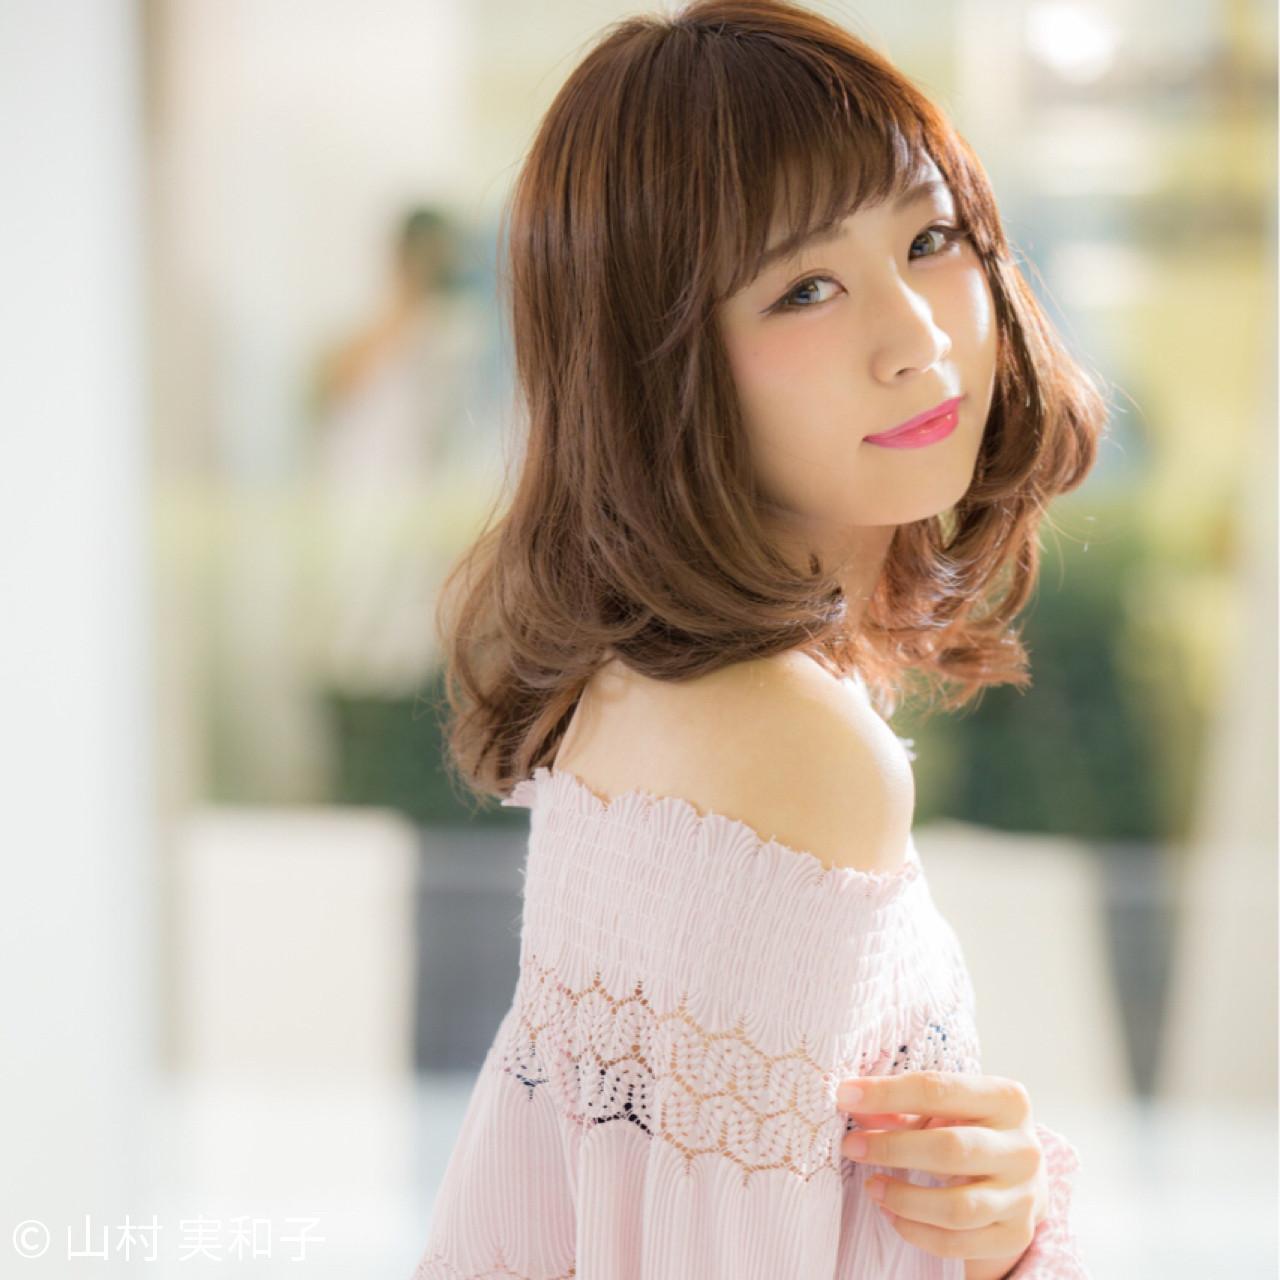 【ミディアム】ふわっふわでフェミニン♡ 山村 実和子